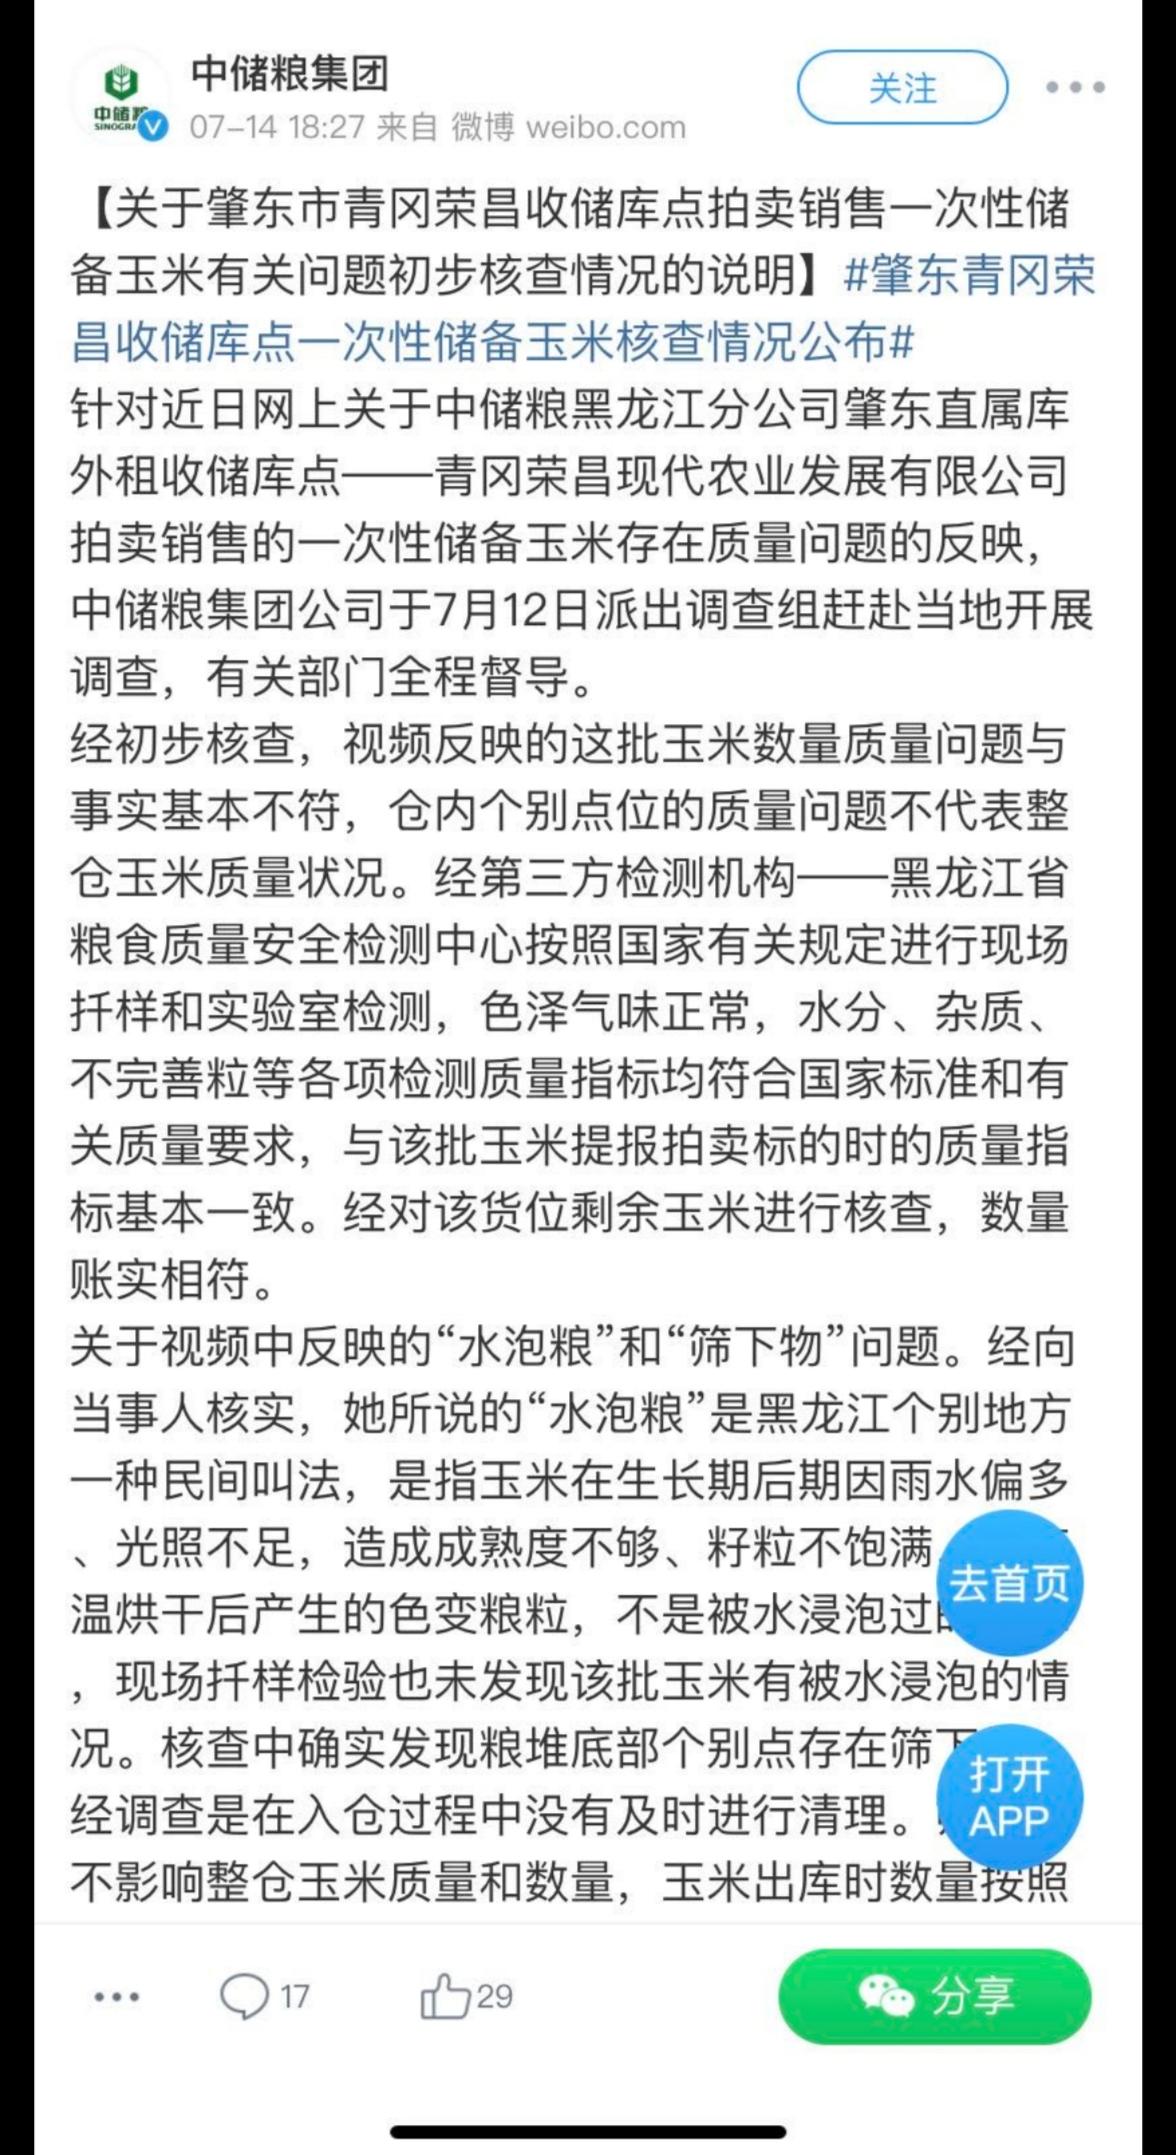 河南义马市一境外输入无症状感染者复阳 官方通报